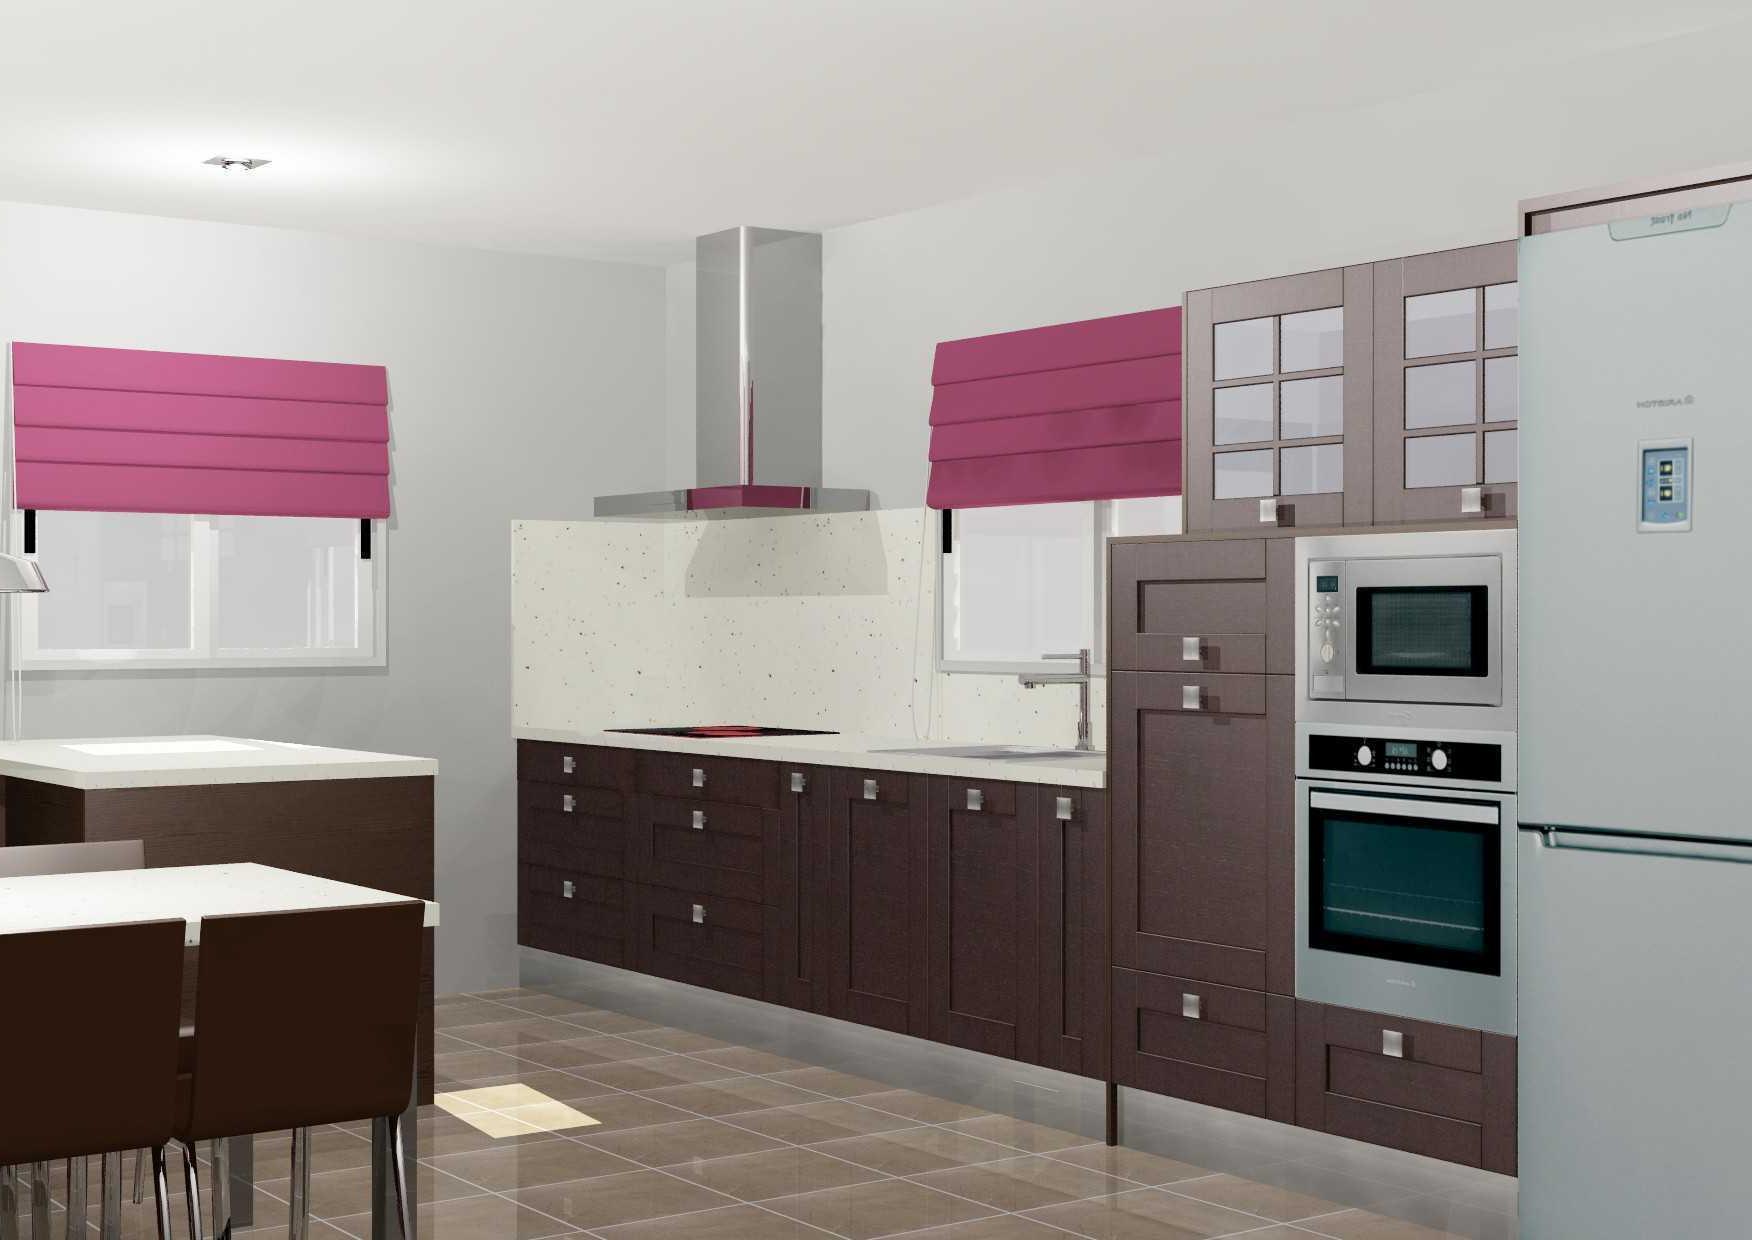 Muebles Cocina Segunda Mano 0gdr Muebles De Cocinas Segunda Mano Nuevo Muebles De Jardn Materiales